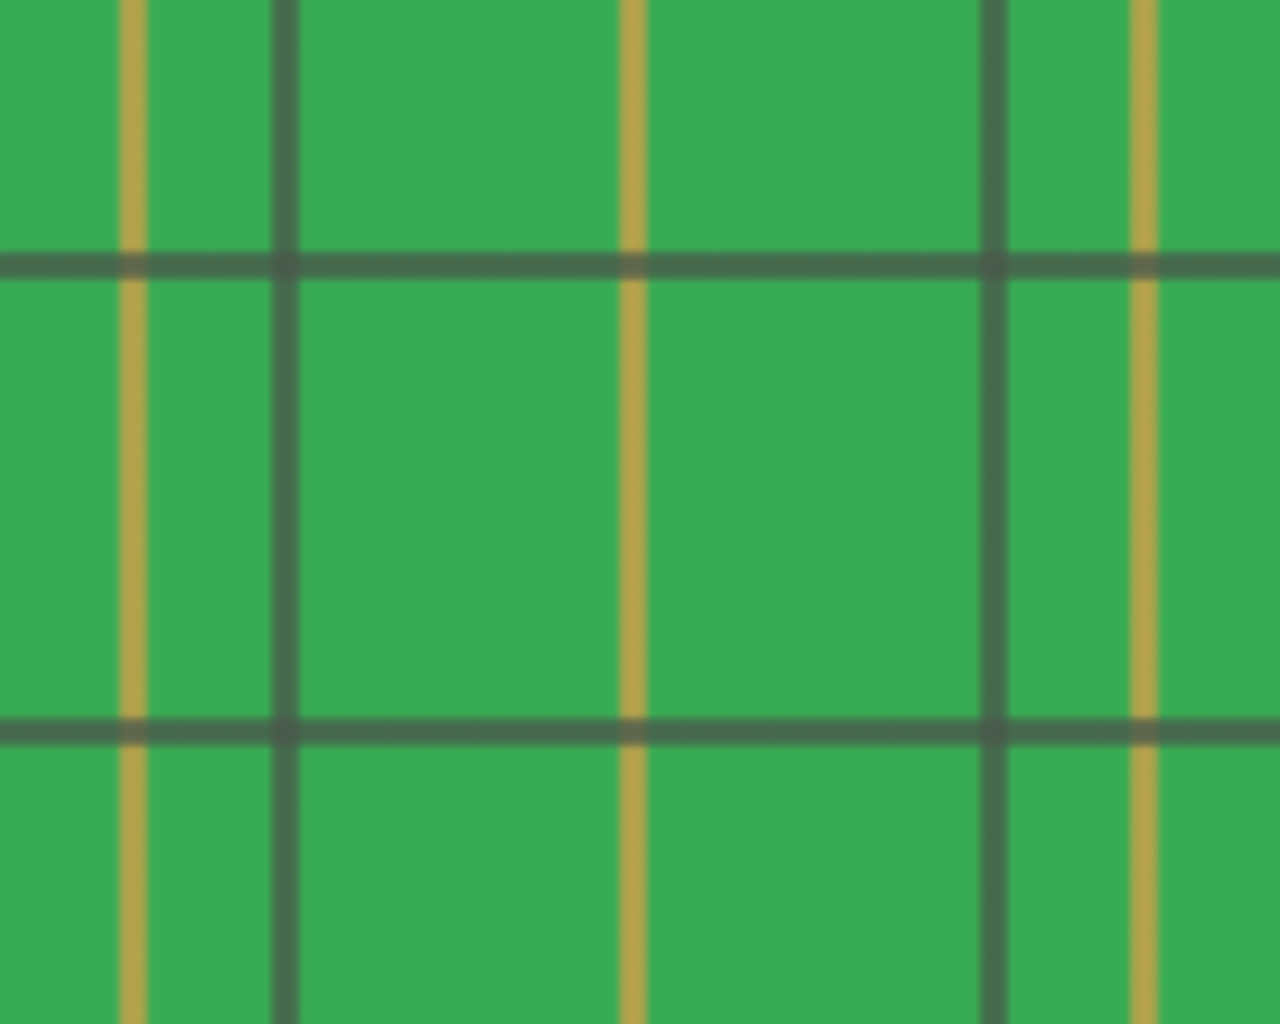 緑の背景に黒の縦横の二本と金の縦の二本の真っ直ぐな線